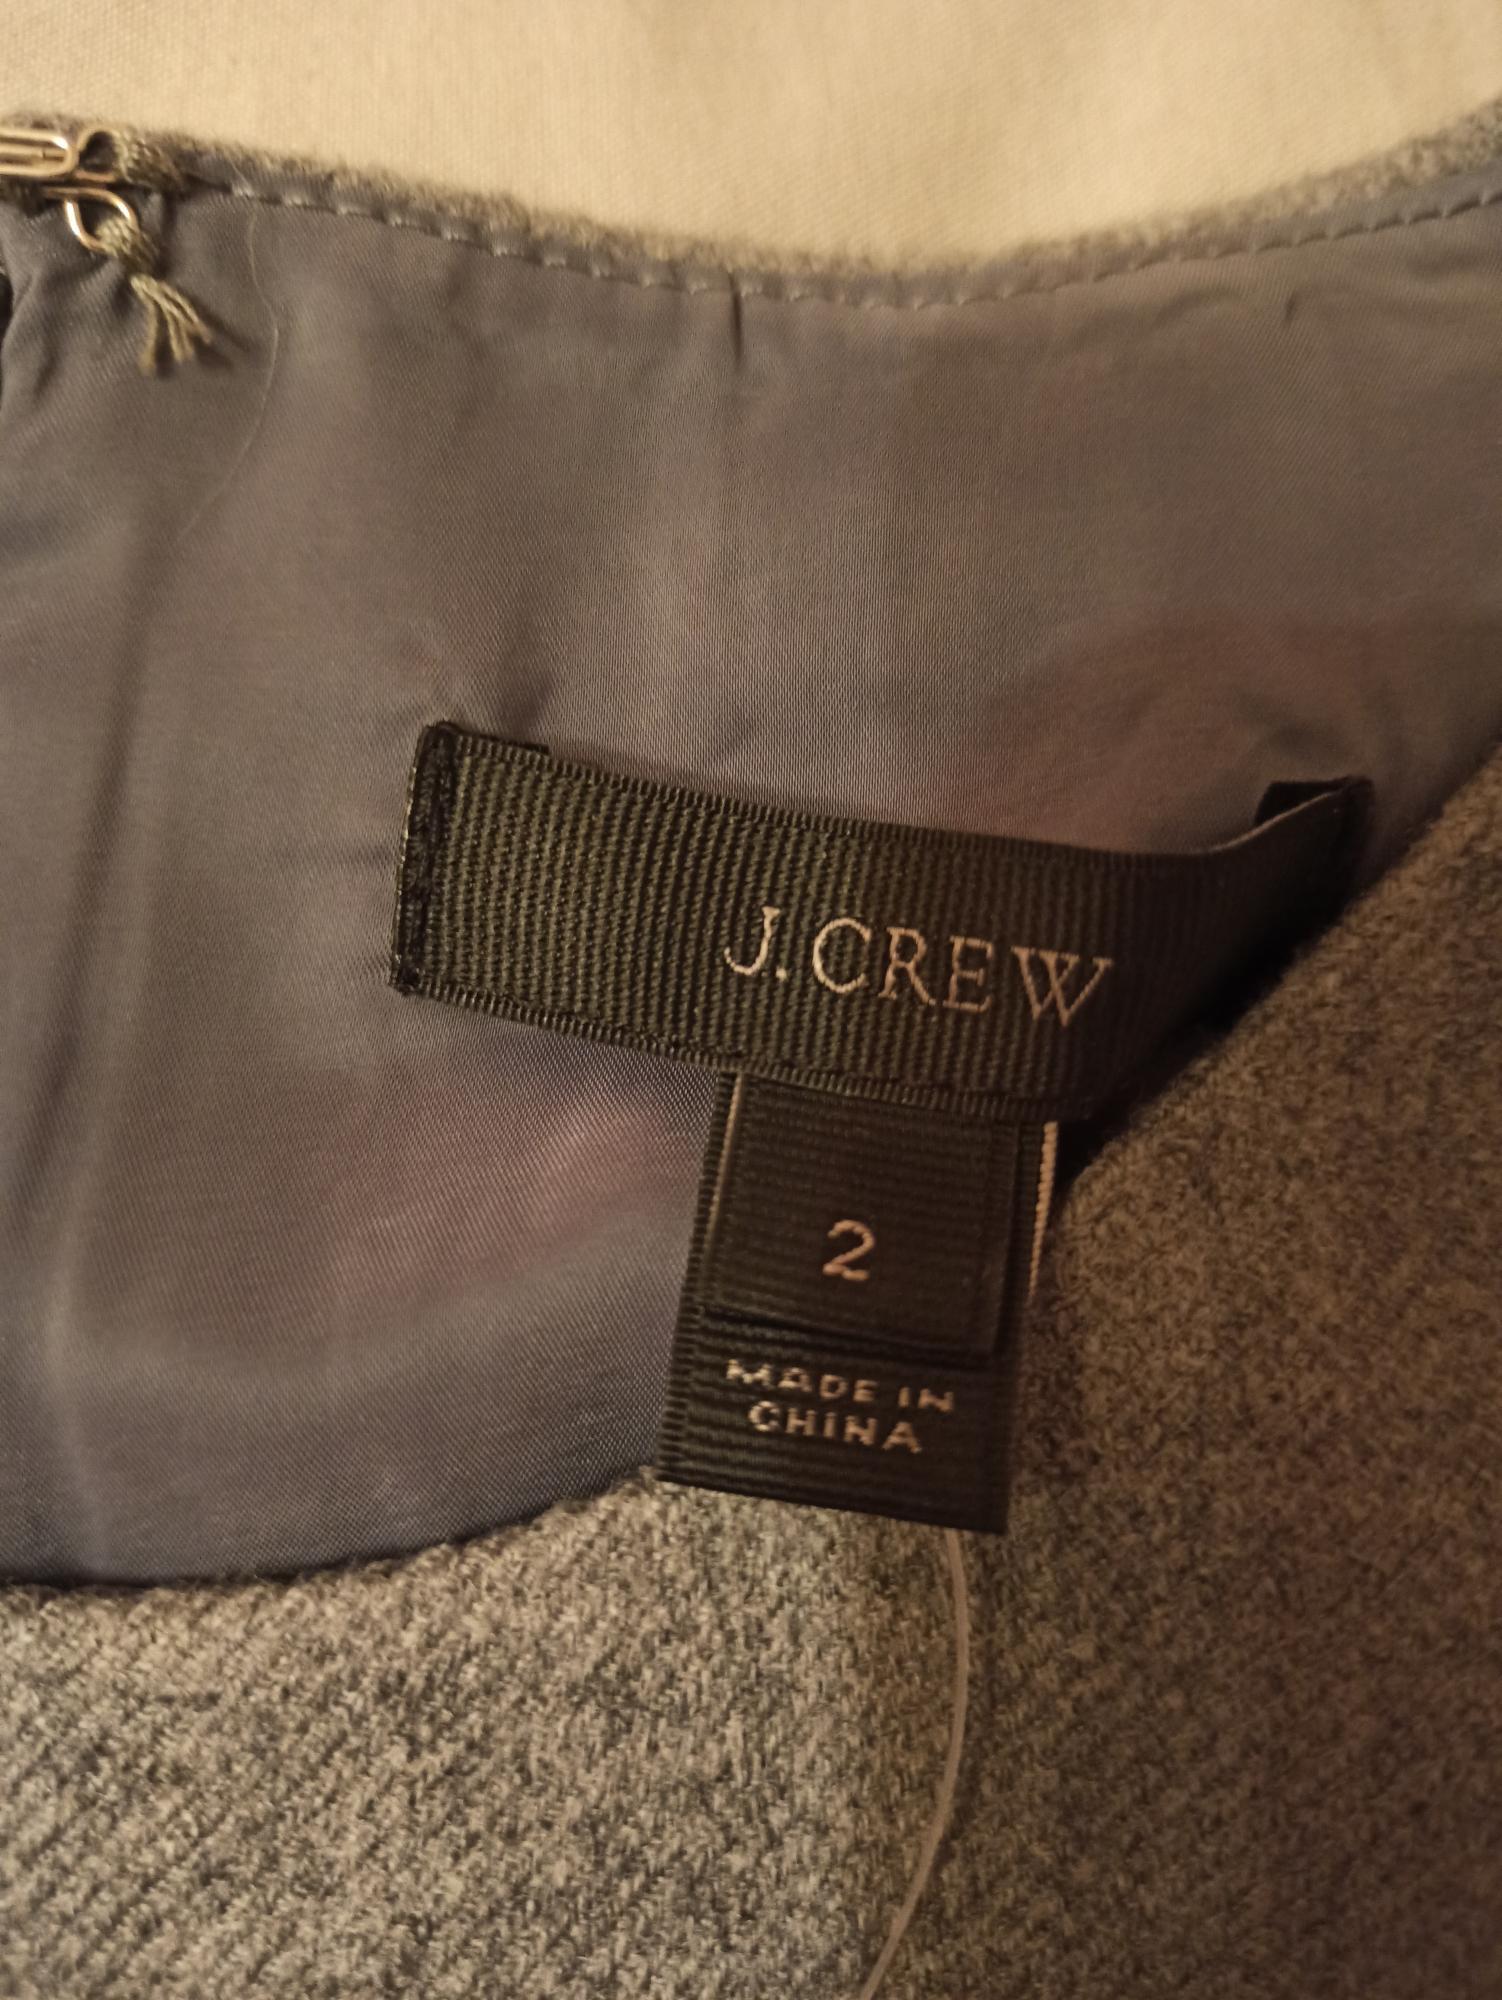 Новое платье J.CREW в Москве 89175381925 купить 4